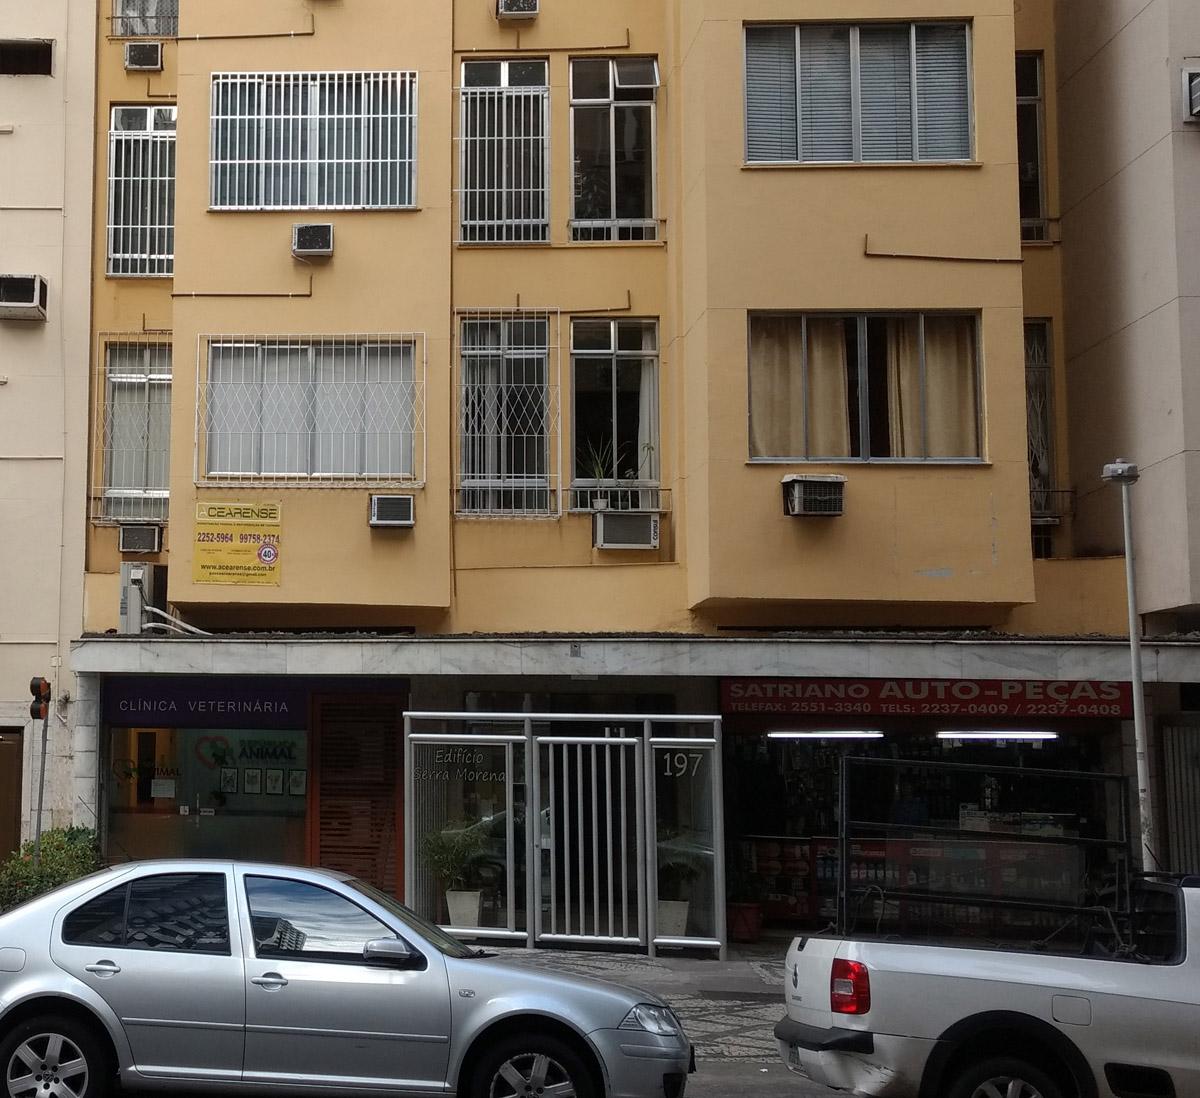 Rua Marquês de Abrantes, 197. Foiaqui.